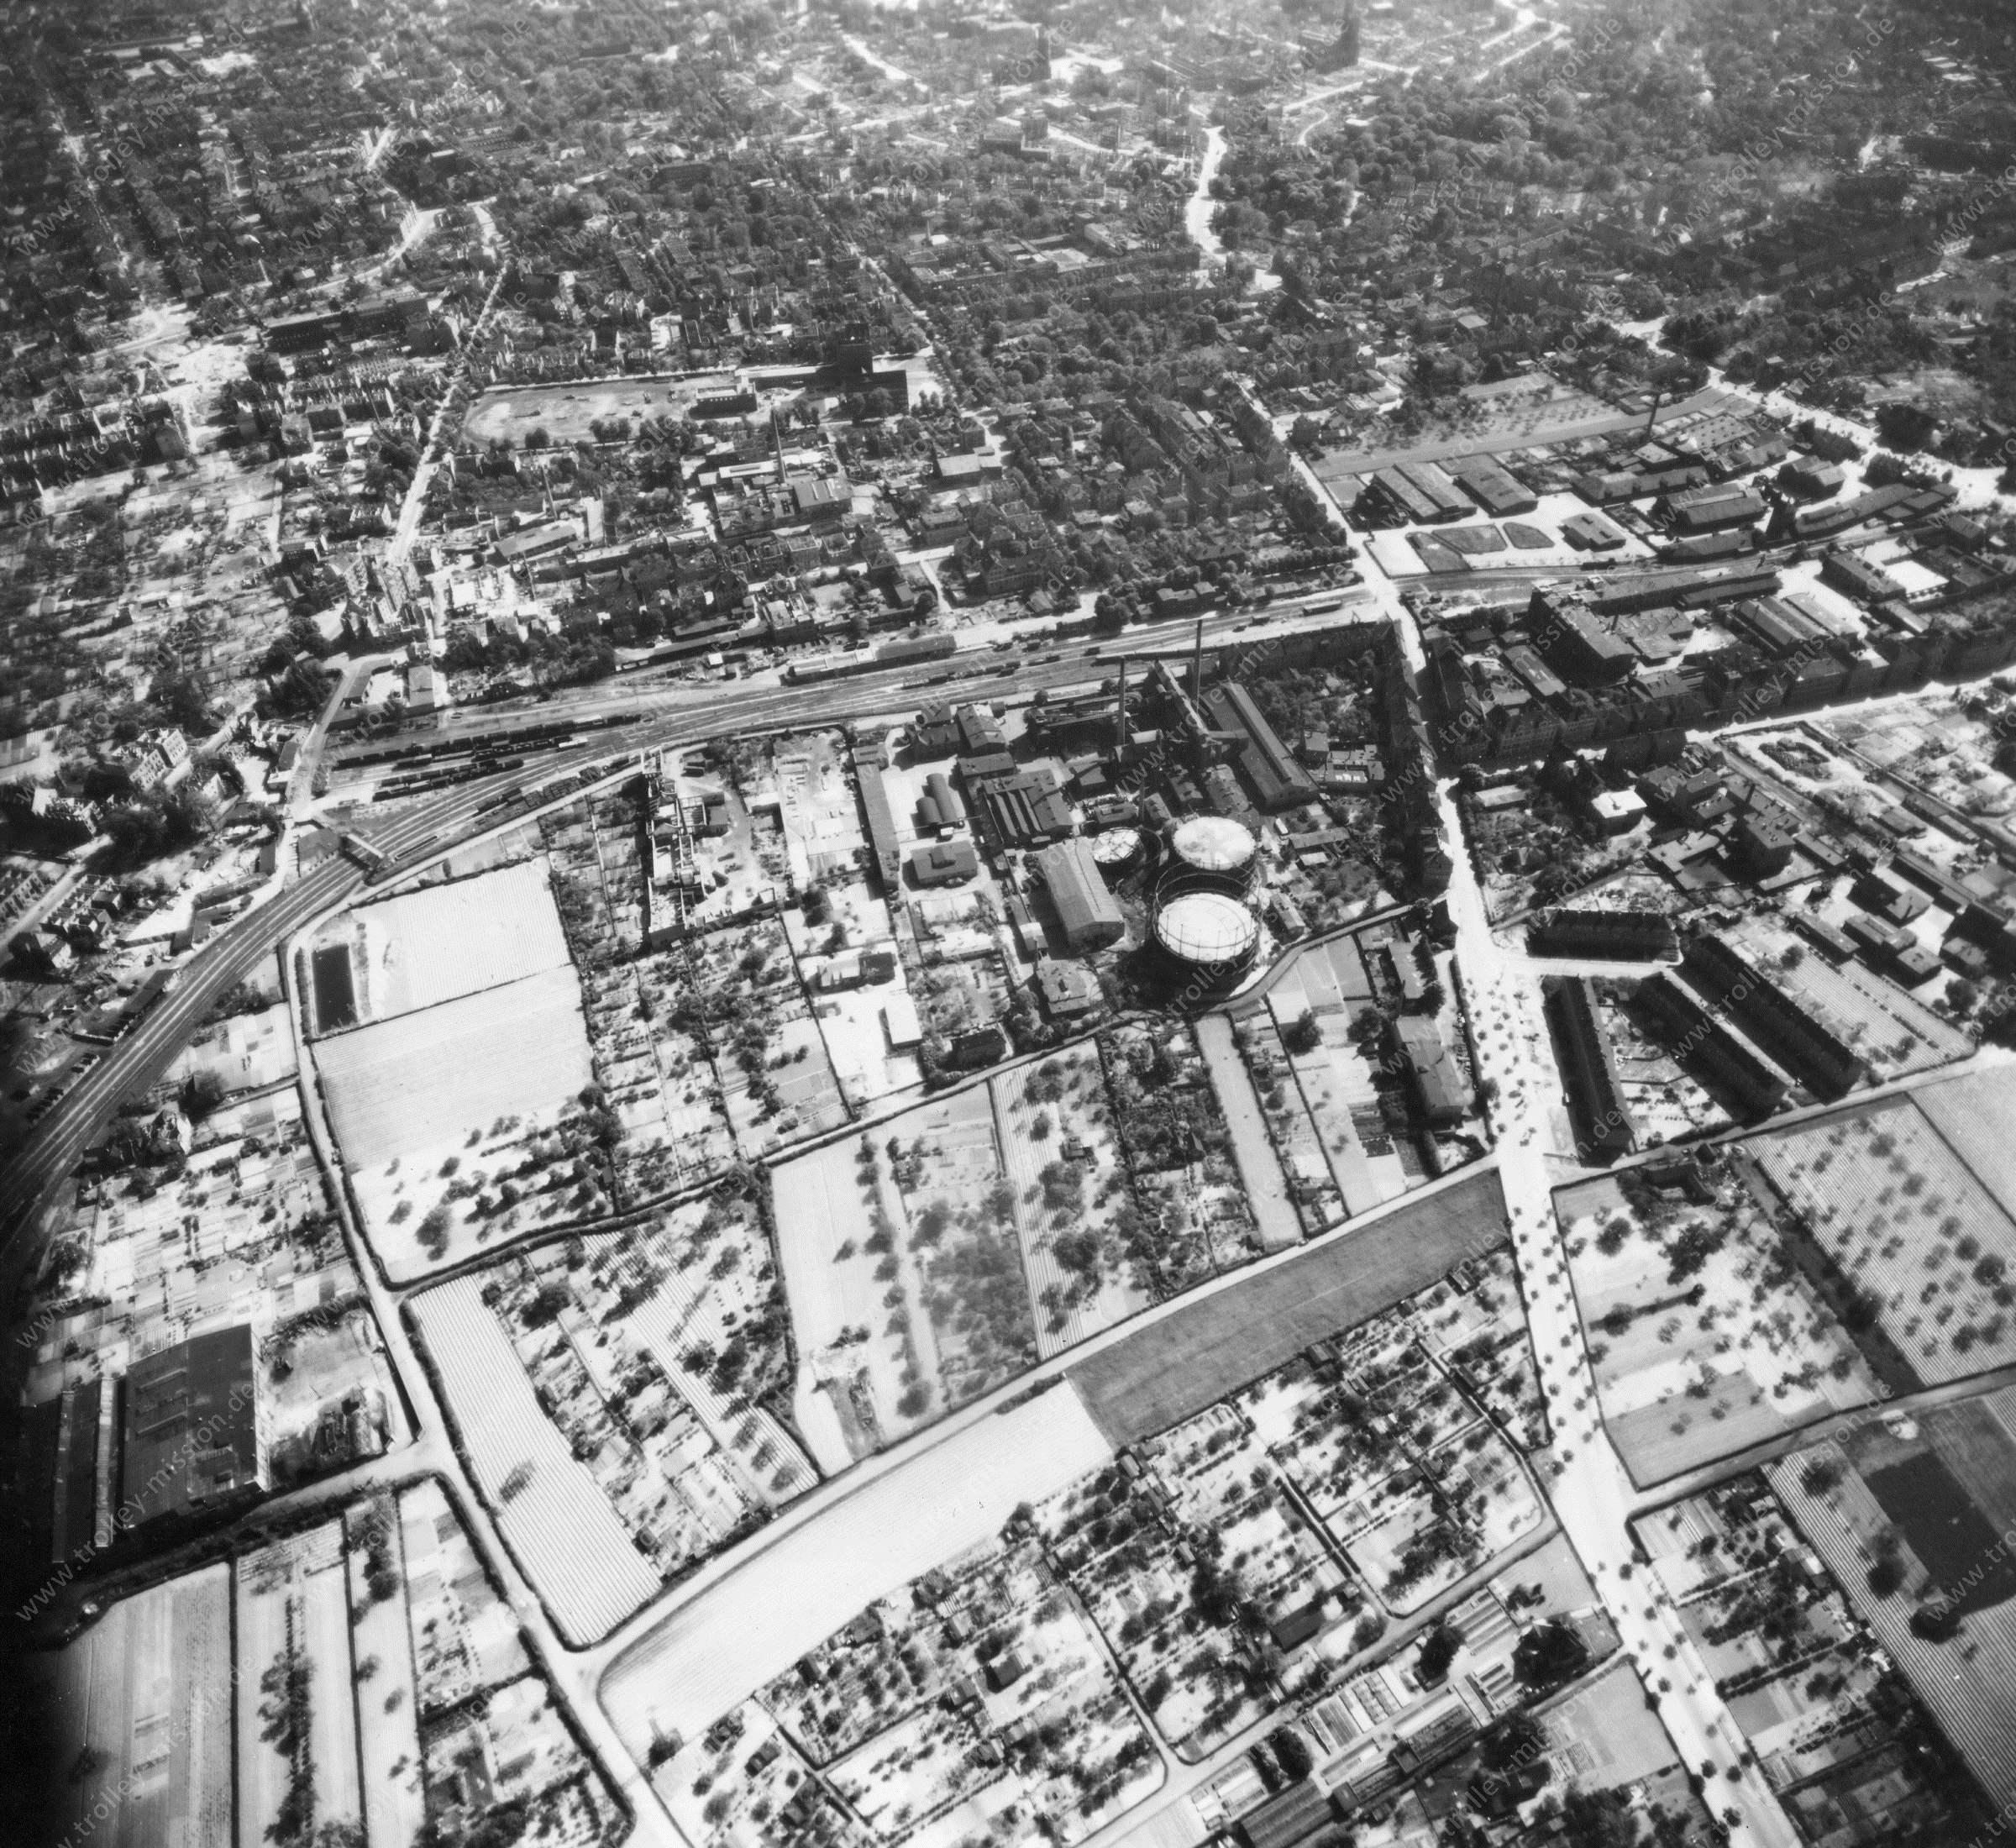 Luftbild von Braunschweig am 12. Mai 1945 - Luftbildserie 4/11 der US Air Force